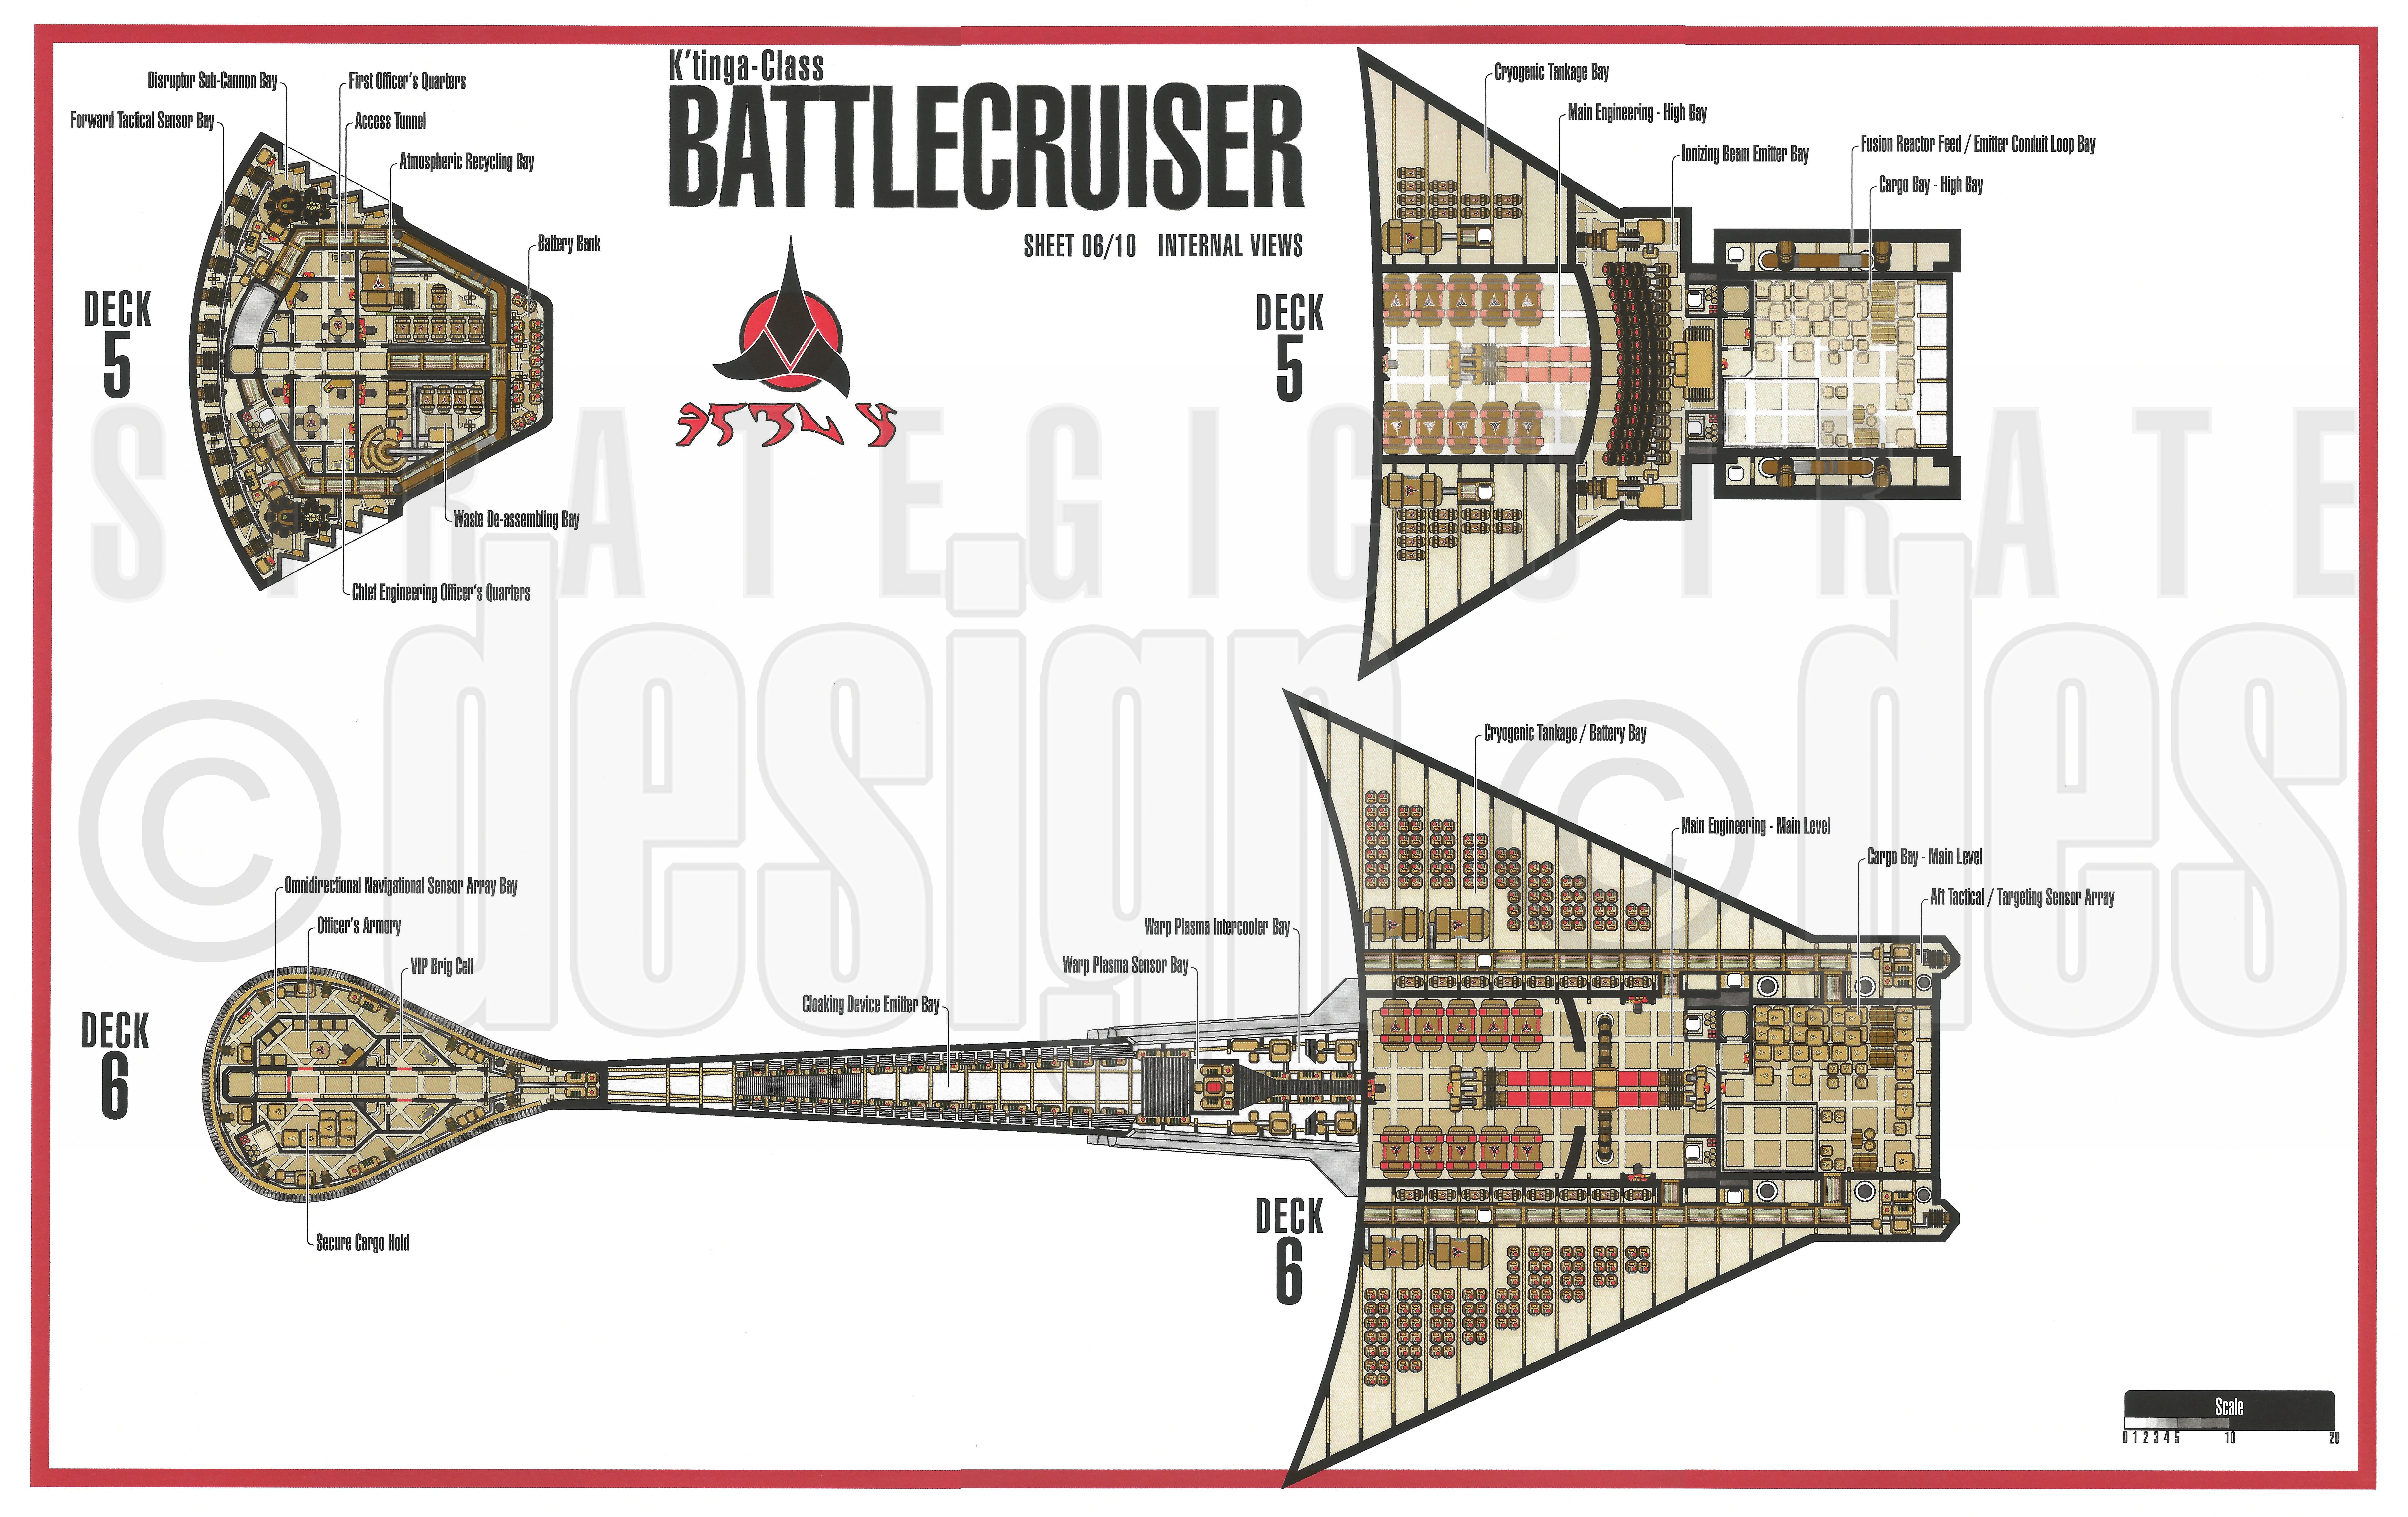 Star trek blueprints klingon k 39 tinga class battlecruiser for Deck blueprints online